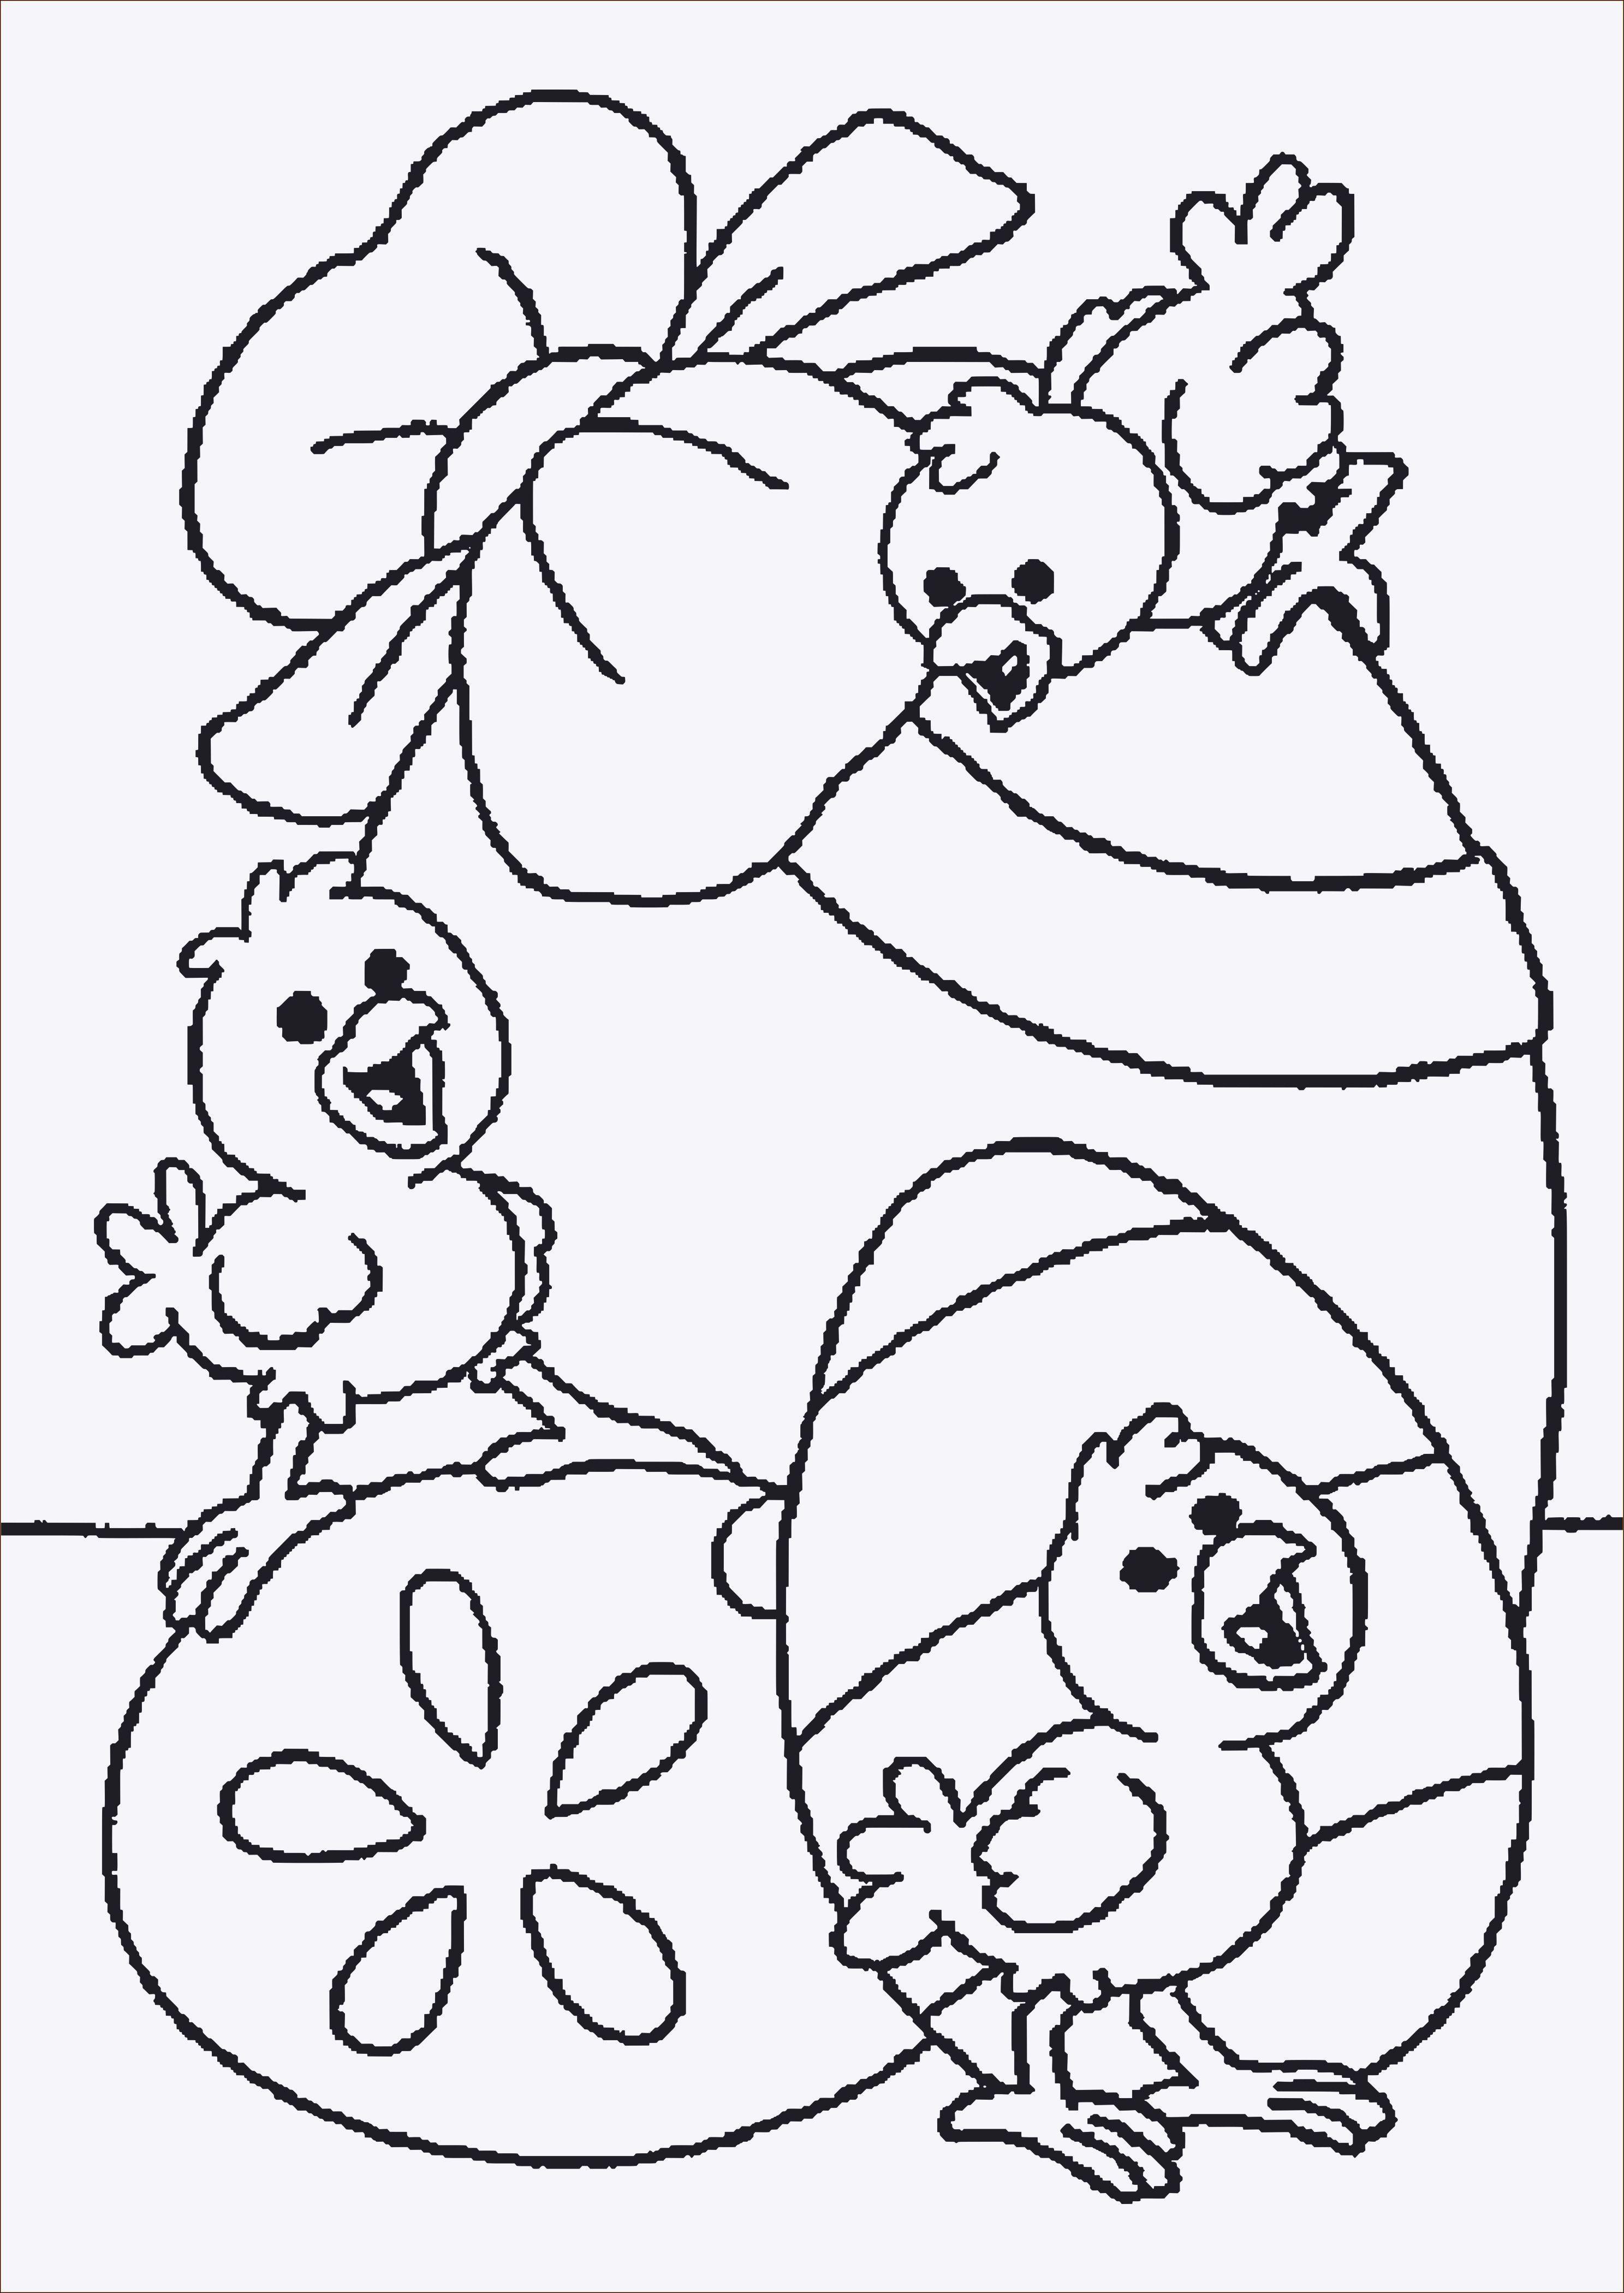 Ausmalbilder Ostern Hase Frisch Ausmalbilder Ostern Kostenlos Ausdrucken Schön Ausmalbilder Galerie